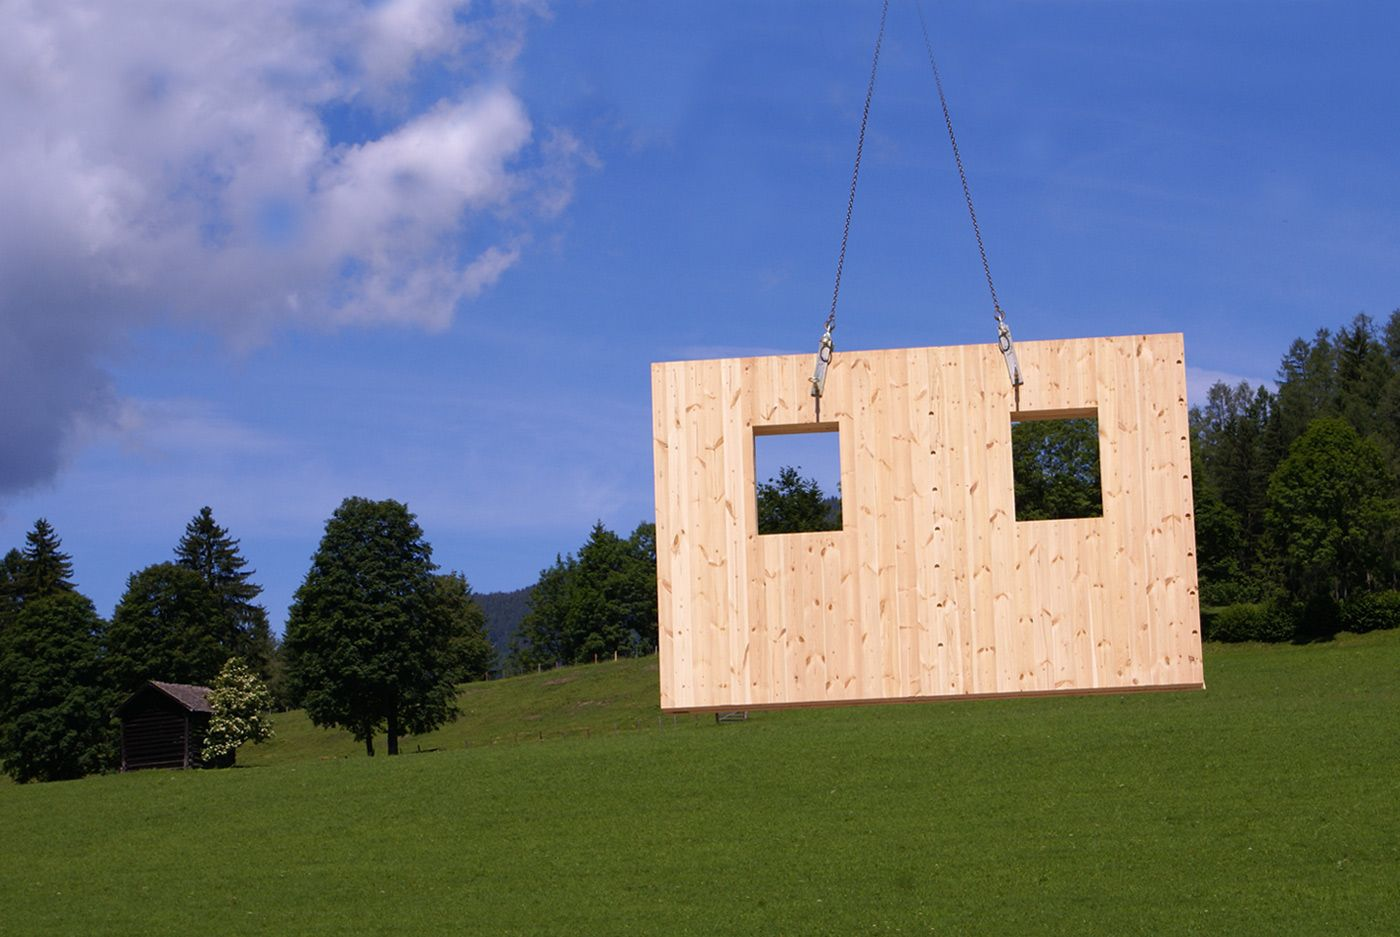 erfinder von holz100 thoma holz gmbh nachhaltiges bauen design pinterest nachhaltiges. Black Bedroom Furniture Sets. Home Design Ideas